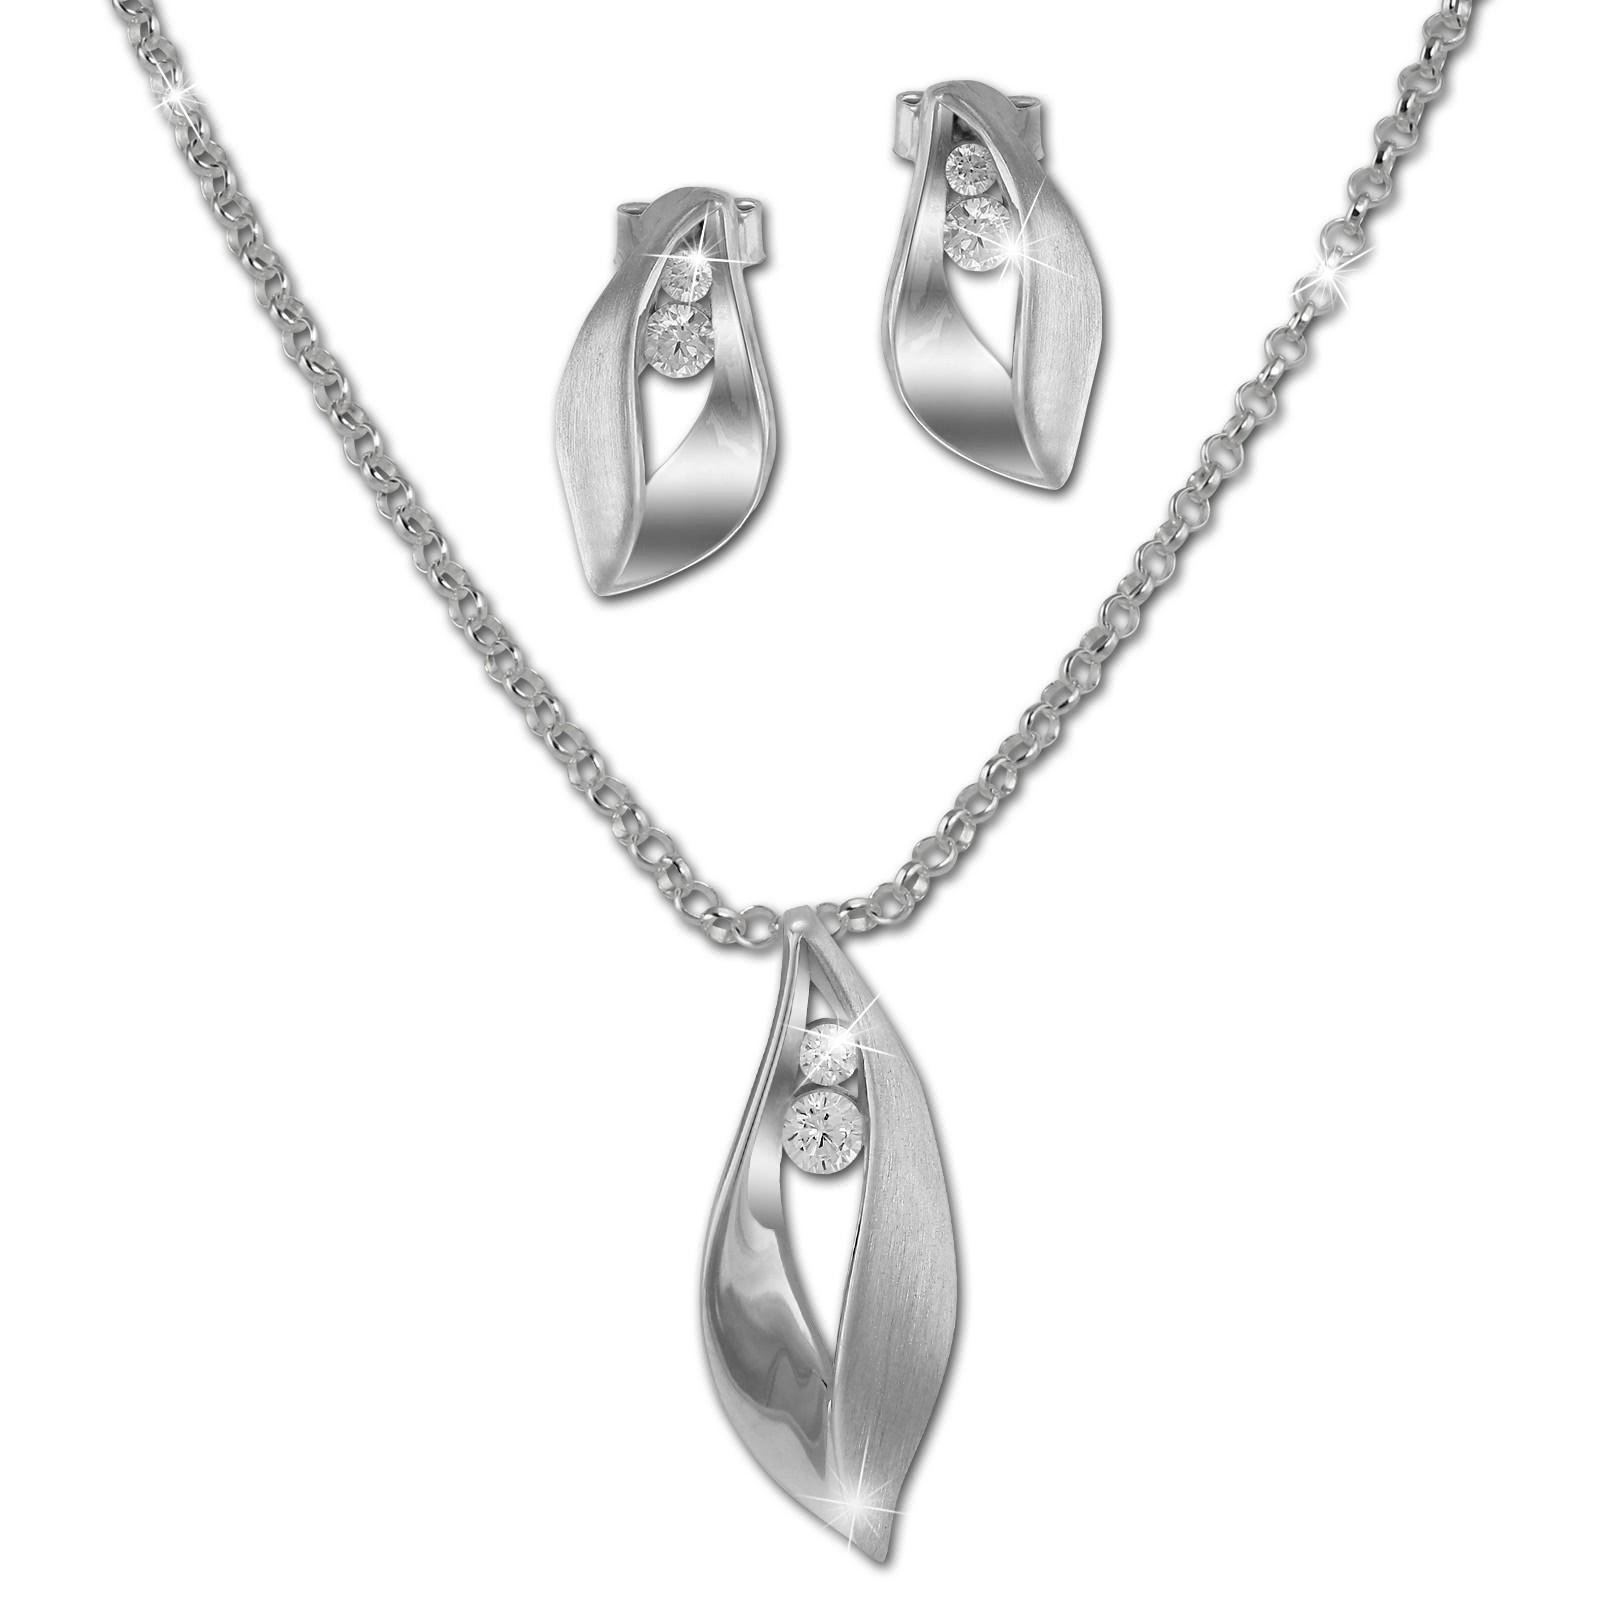 SilberDream Schmuck Set Kette und Ohrringe Blatt Zirkonia 925 Silber SDS49143